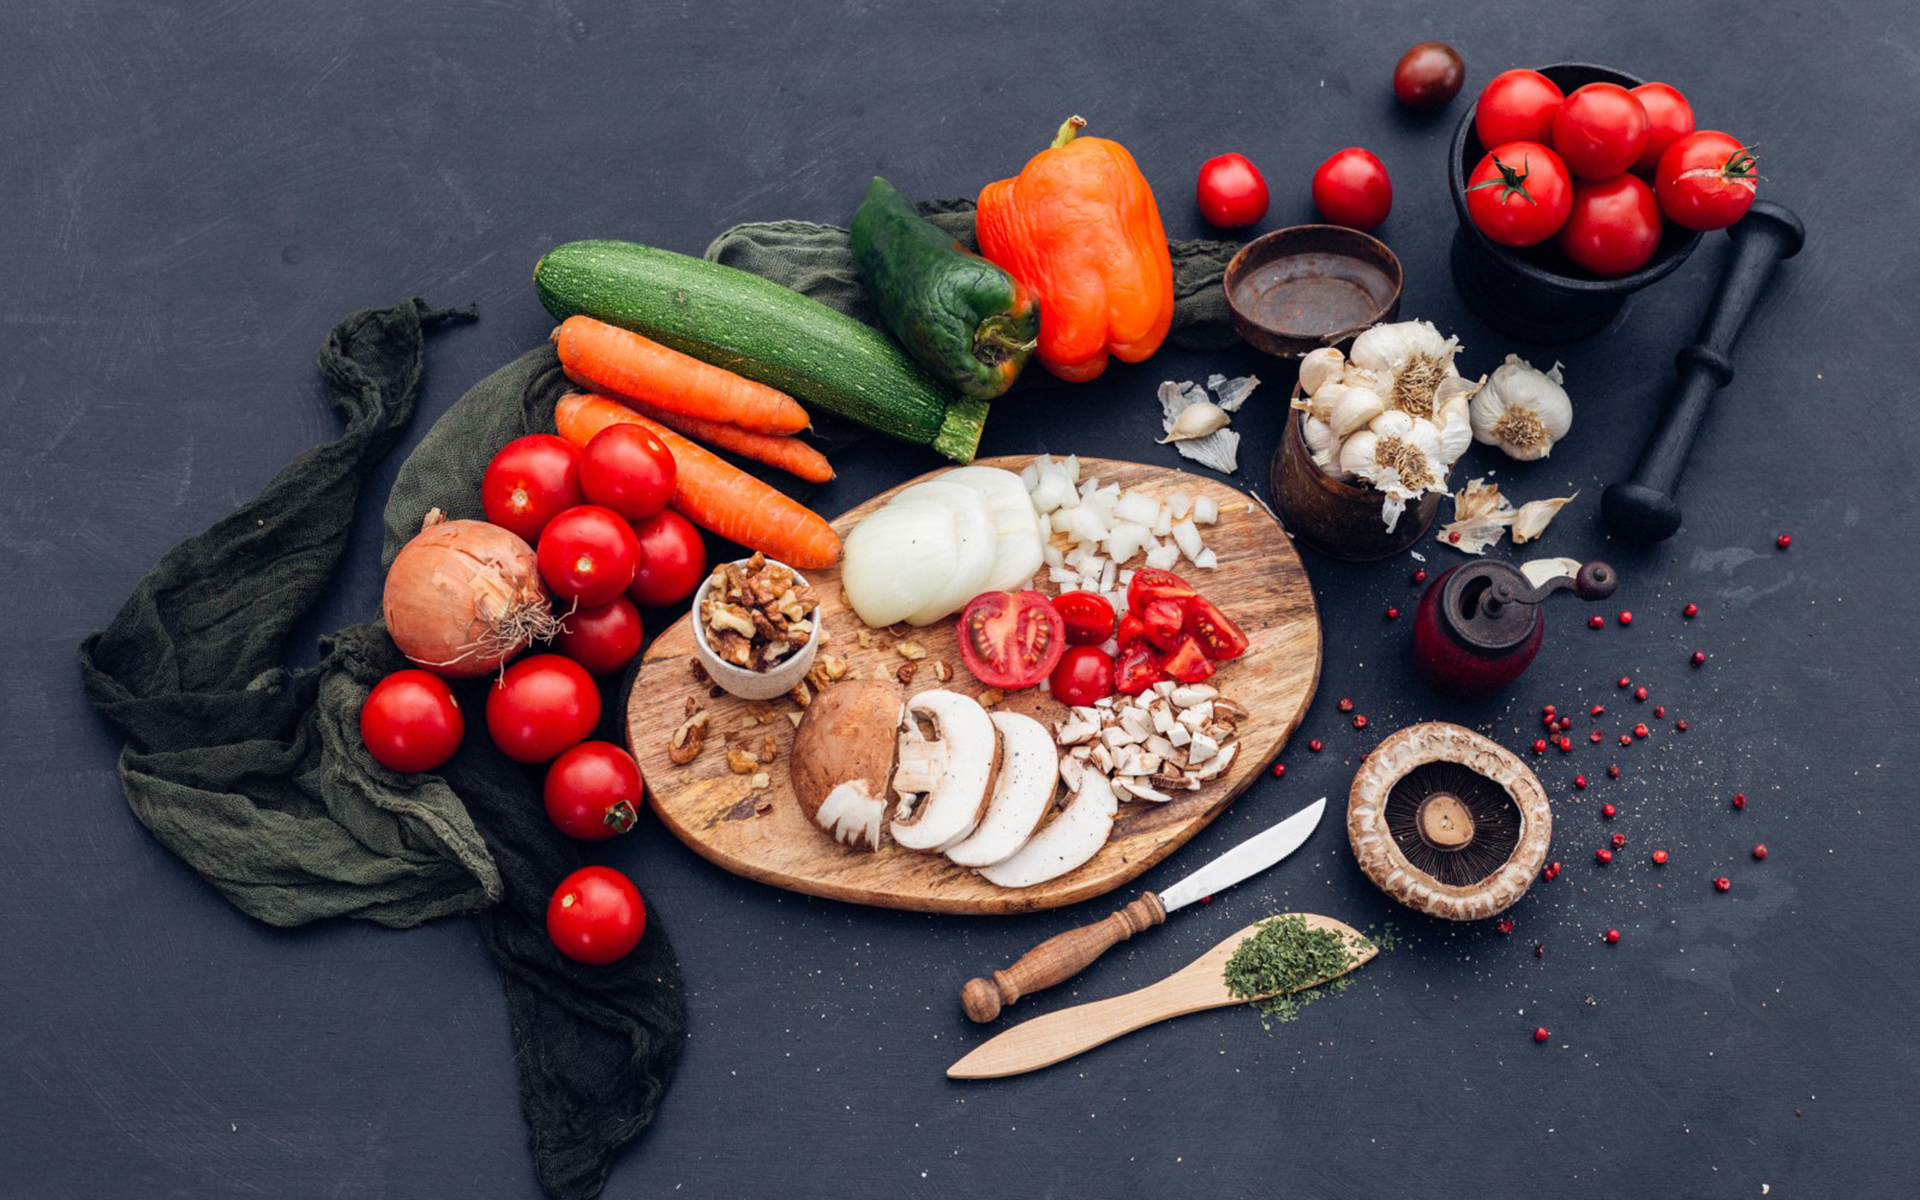 Health Food Slide 4